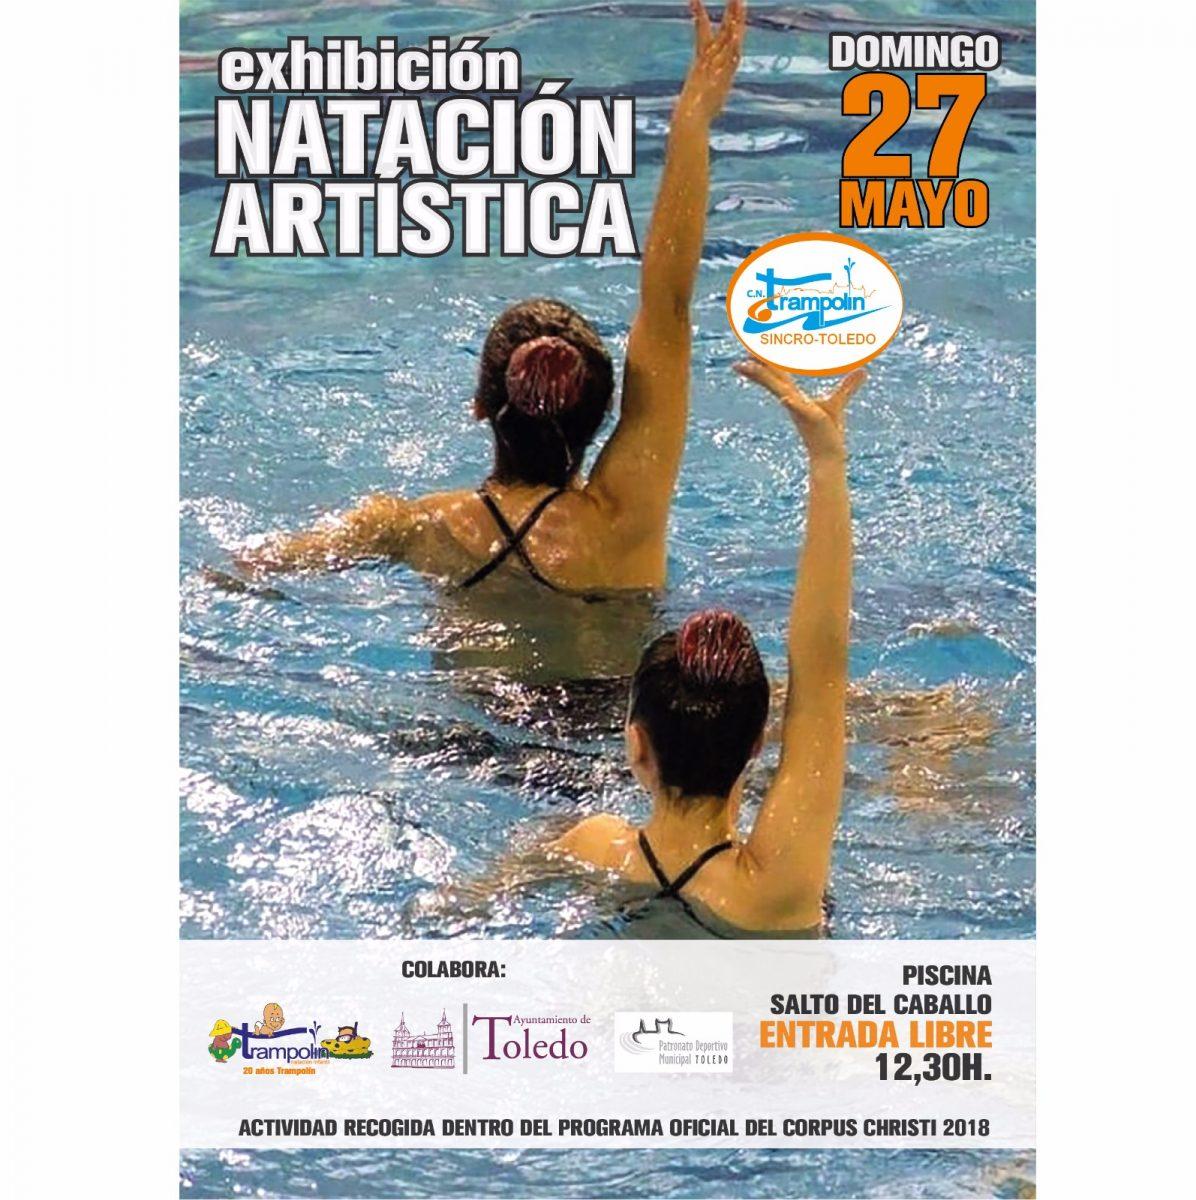 http://www.toledo.es/wp-content/uploads/2018/05/natacion-artistica-1196x1200.jpg. Exhibición de Natación Artística